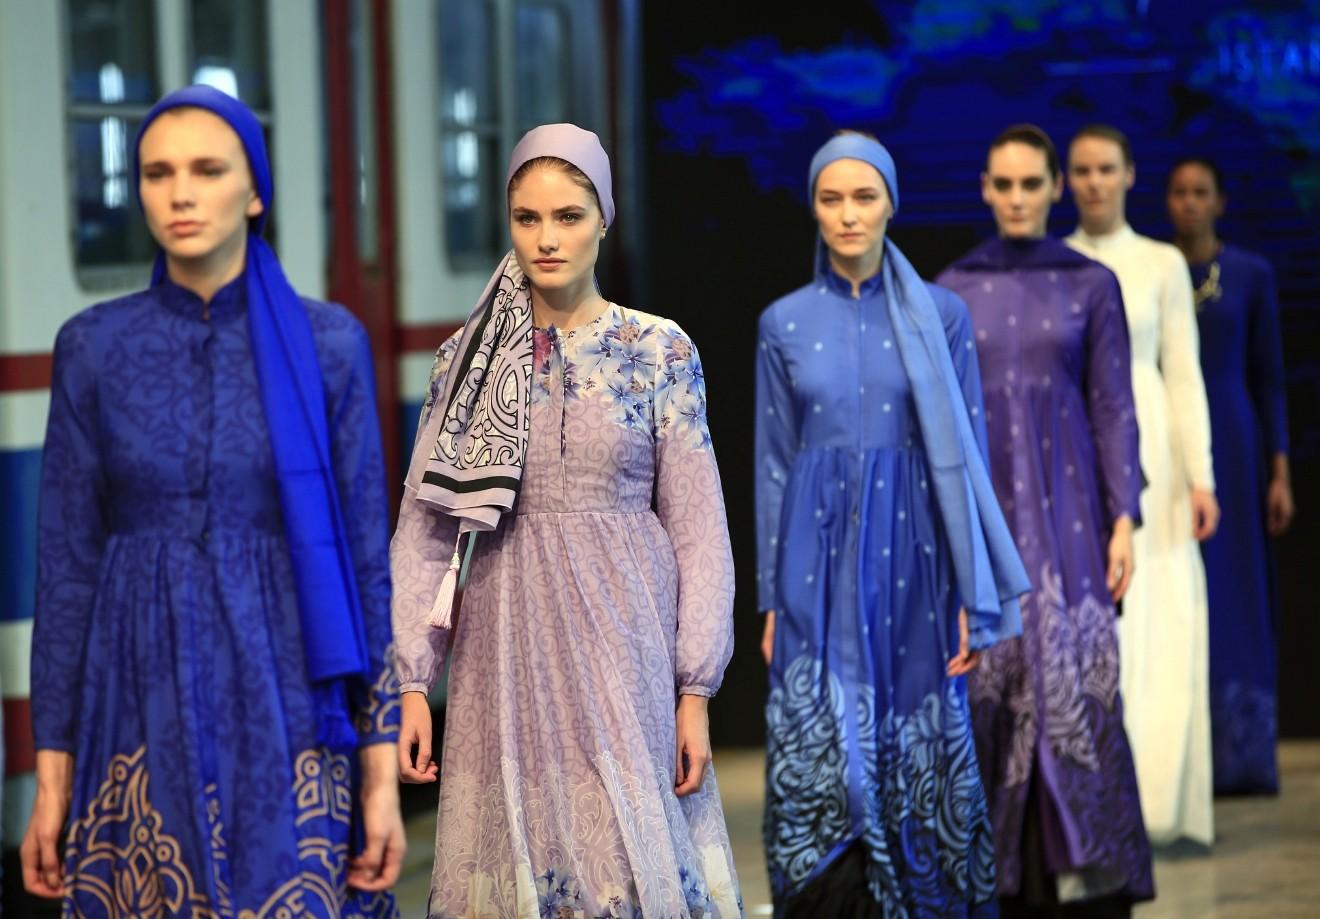 Jual Apa Yang Laku di Produk Fashion Wanita, Pria dan Anak